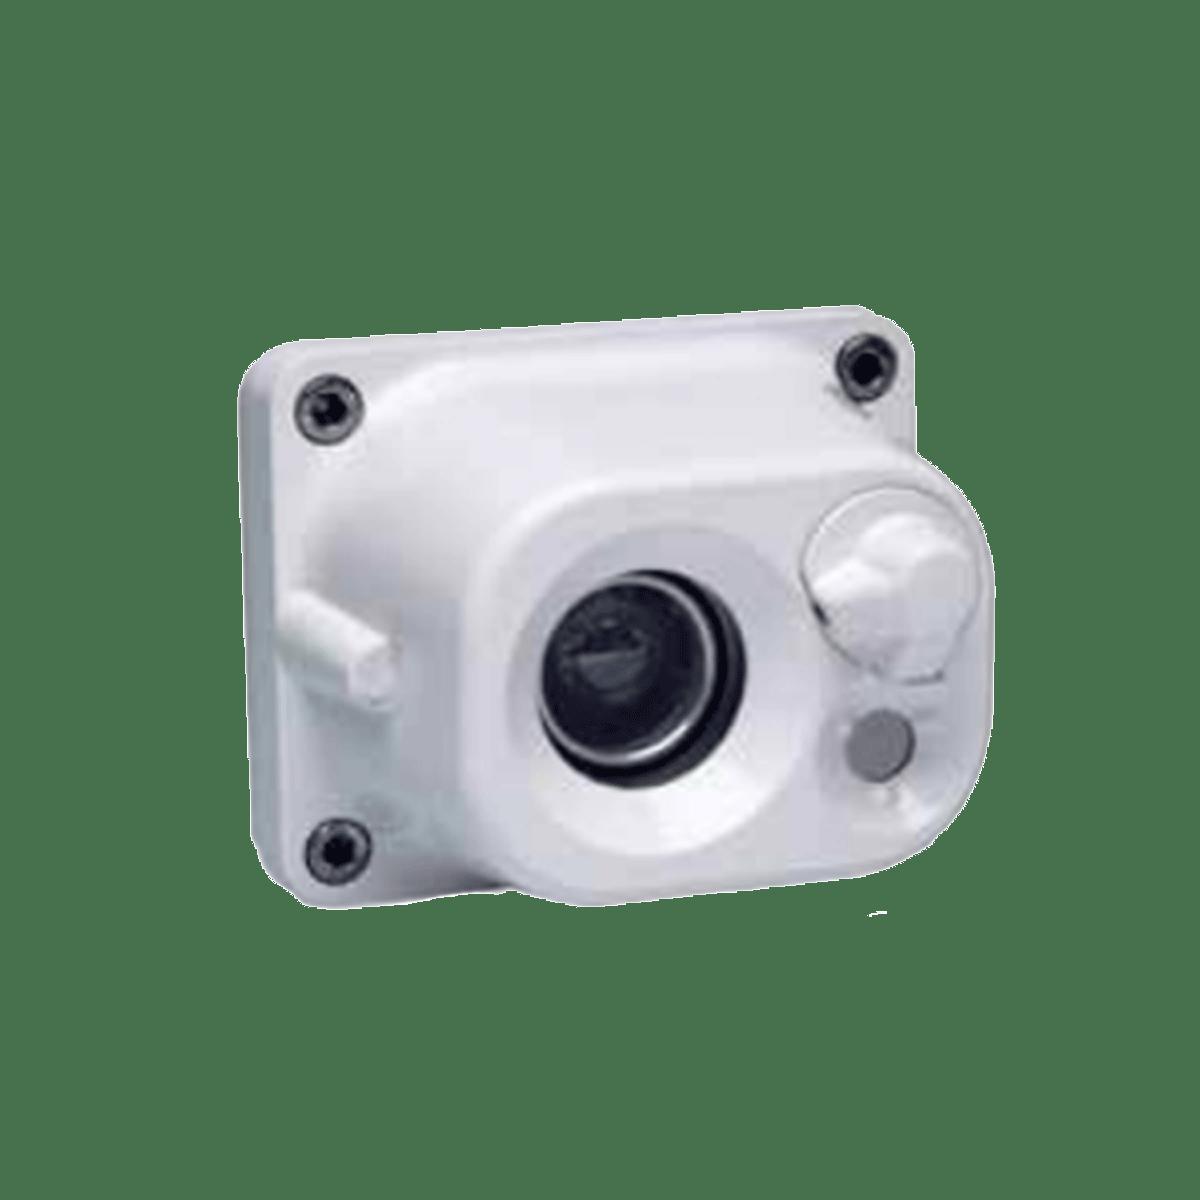 Omniguard-860-Ultraviolet-Infrared-Flame-Detector